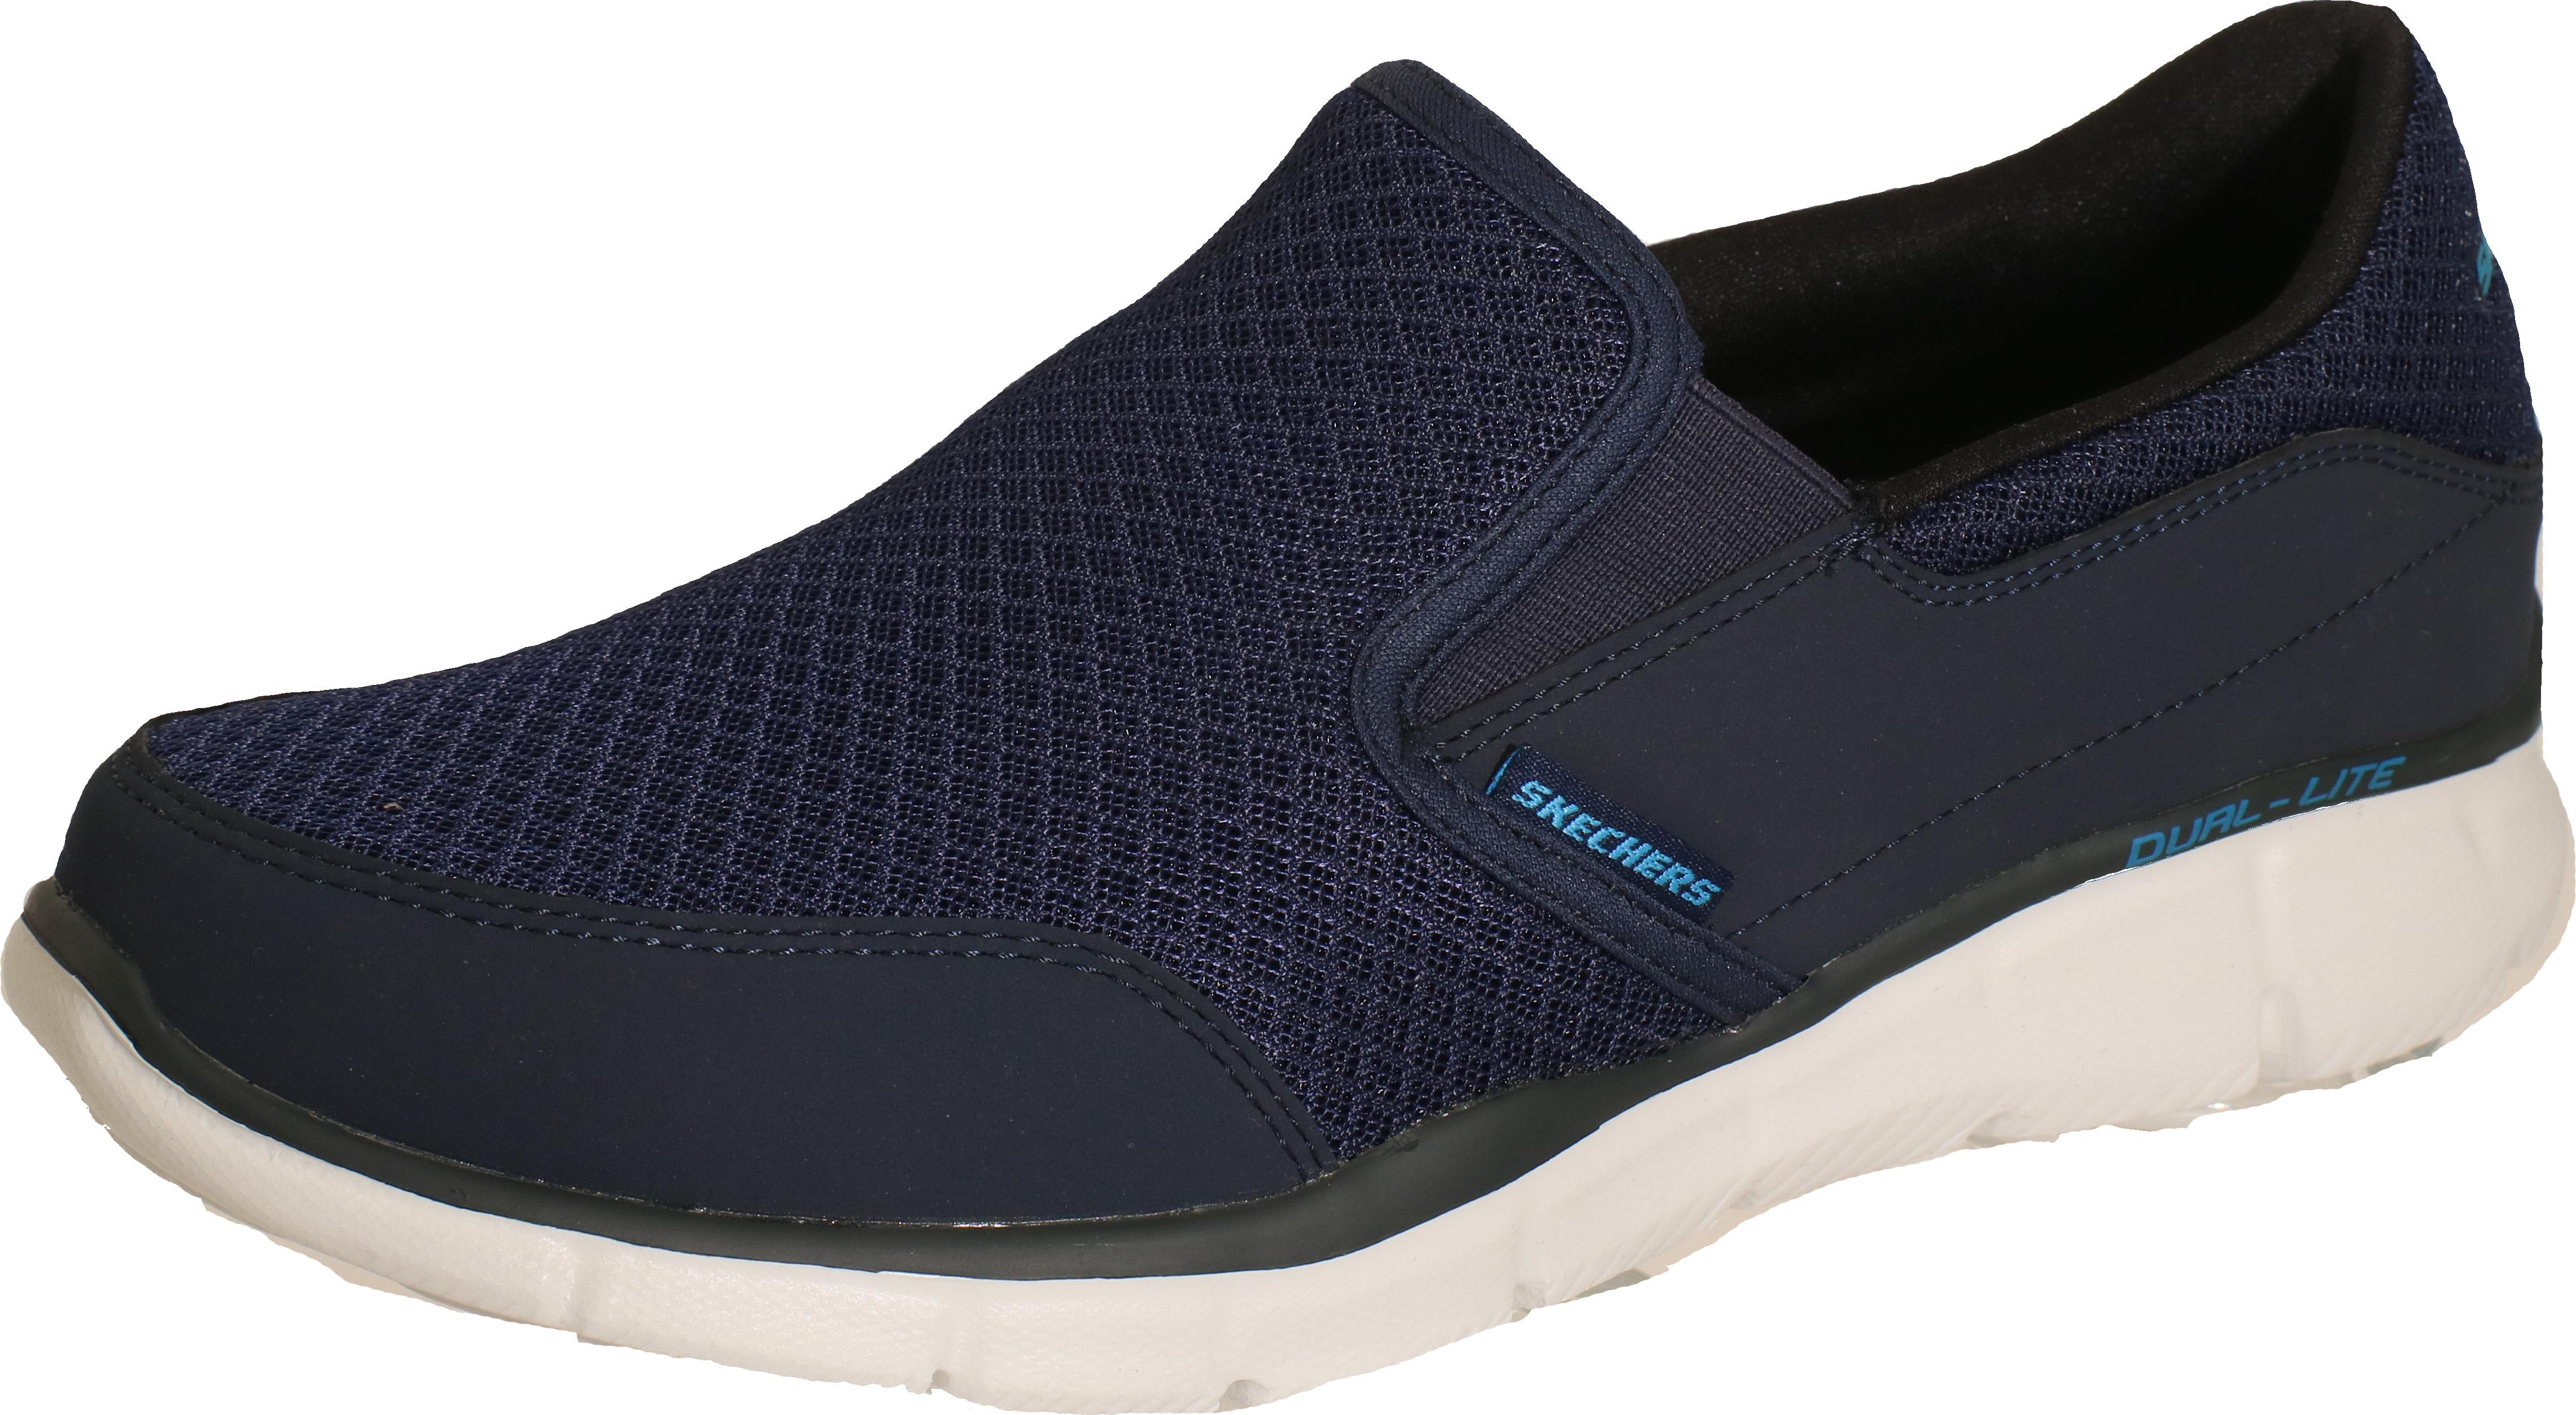 Skechers Equalizer - Persistent Navy Textil, Weite: normal Textil